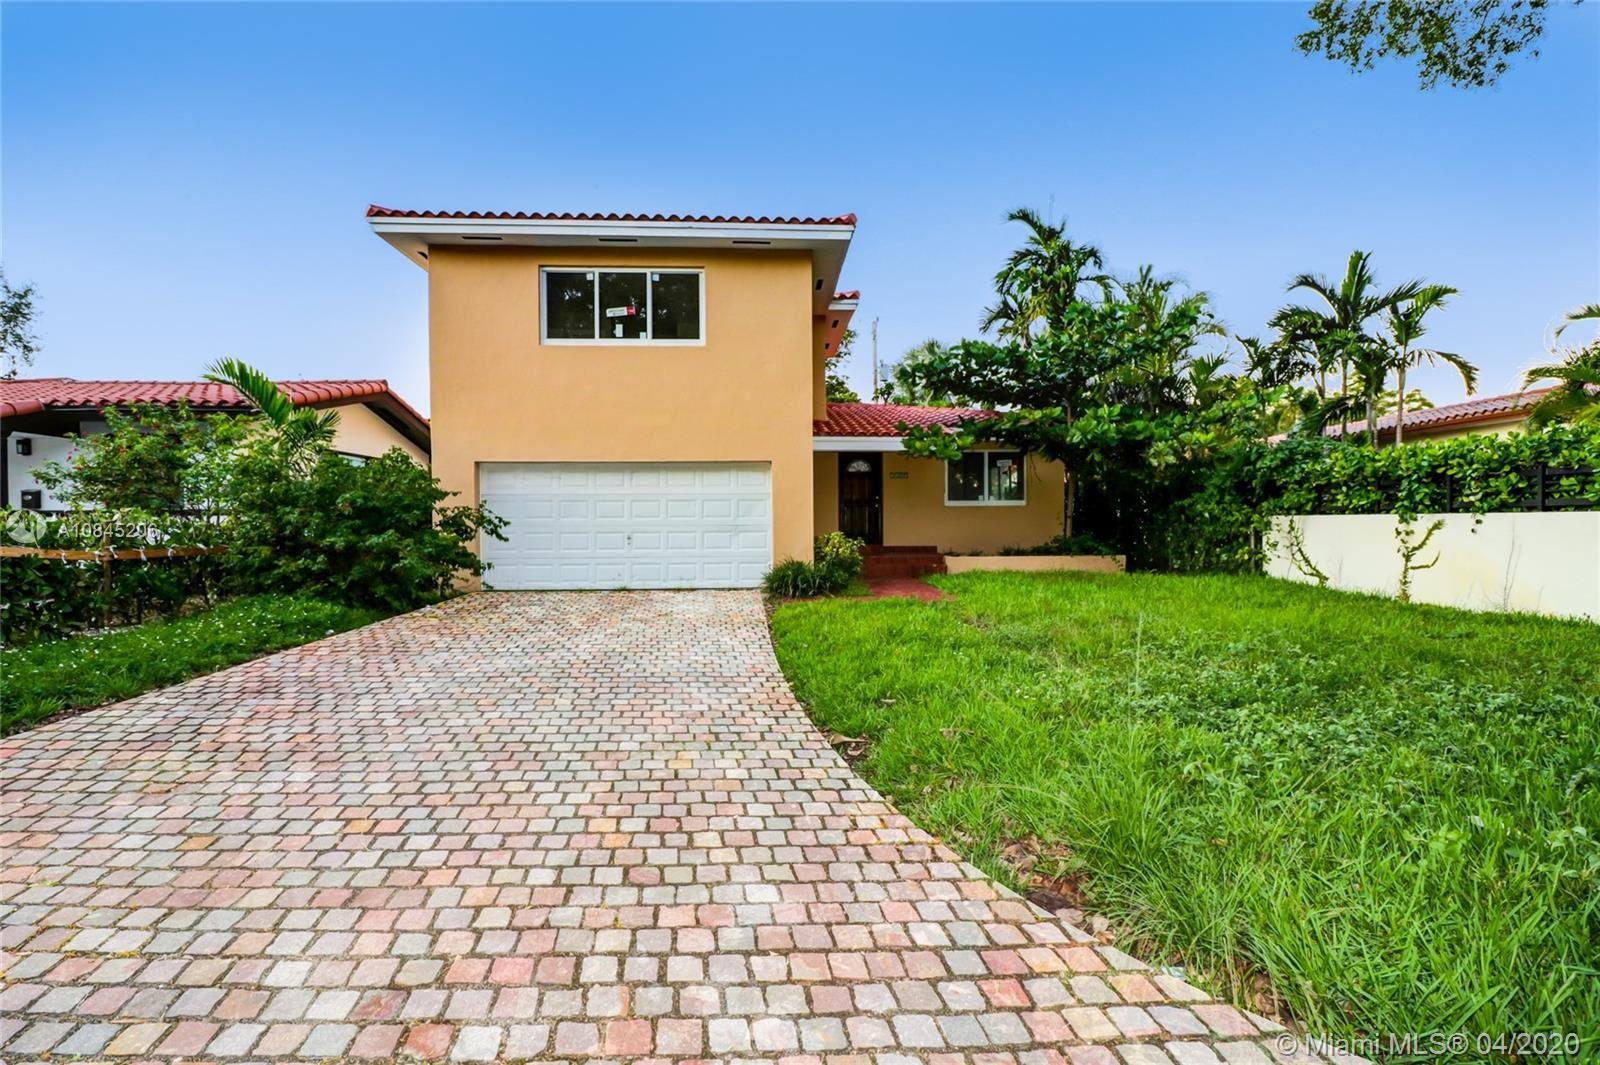 1405 Bird Rd, Coral Gables, FL 33146 - #: A10845206